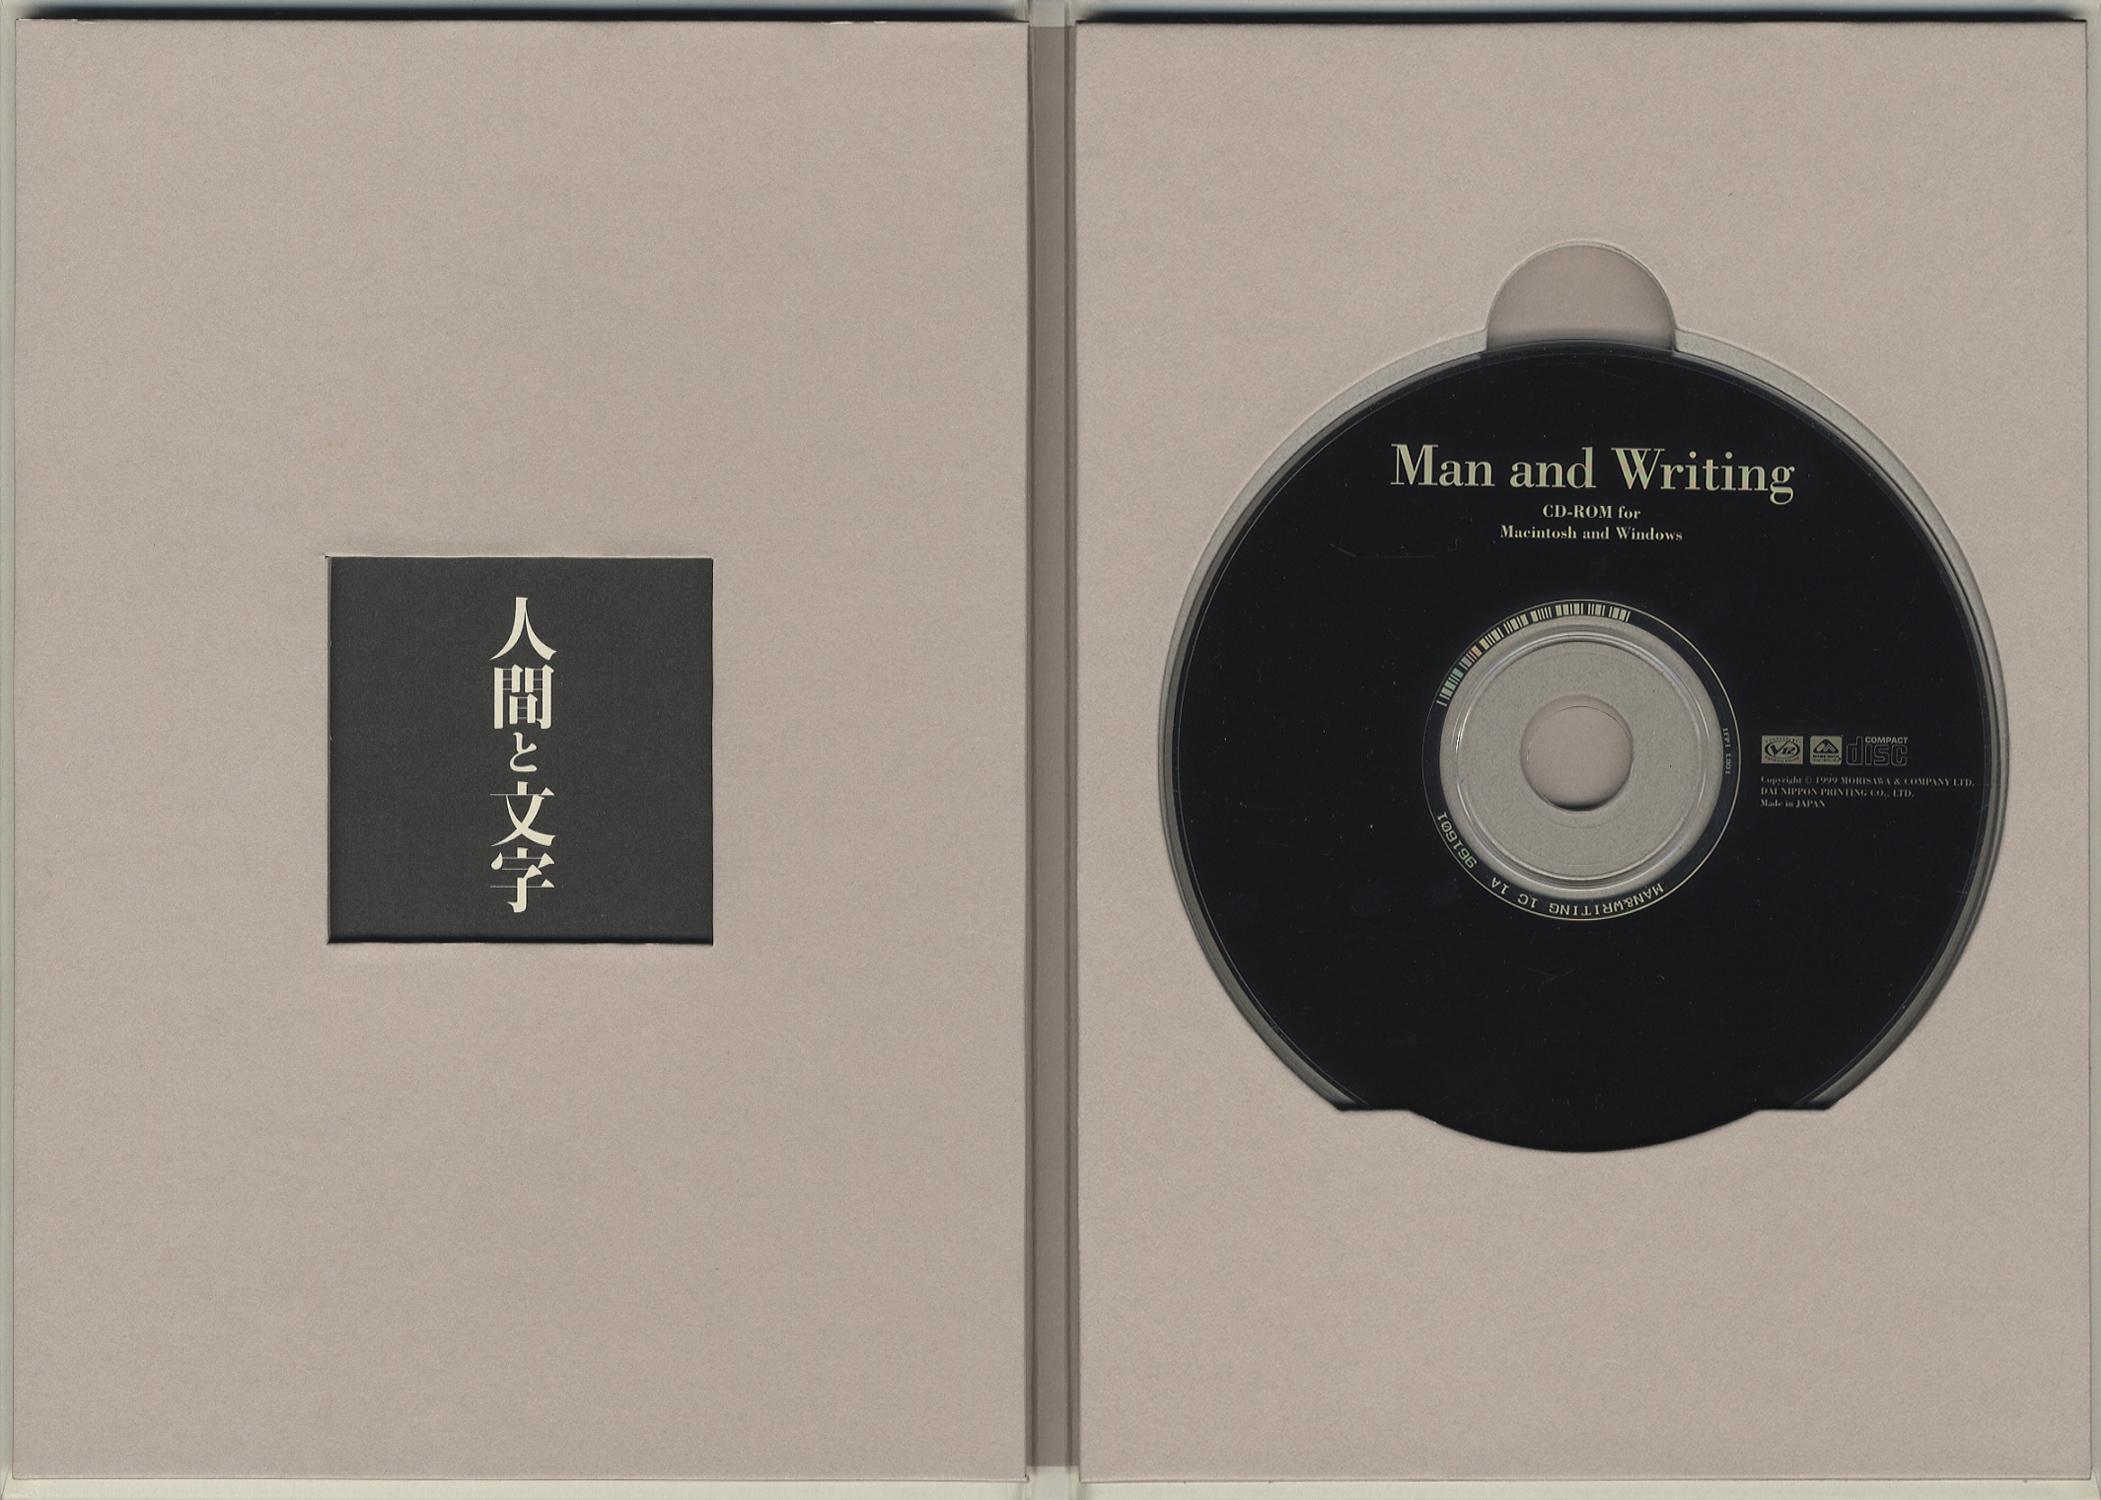 人間と文字 Man and Writing CD-ROM for Macintosh and Windows[image3]